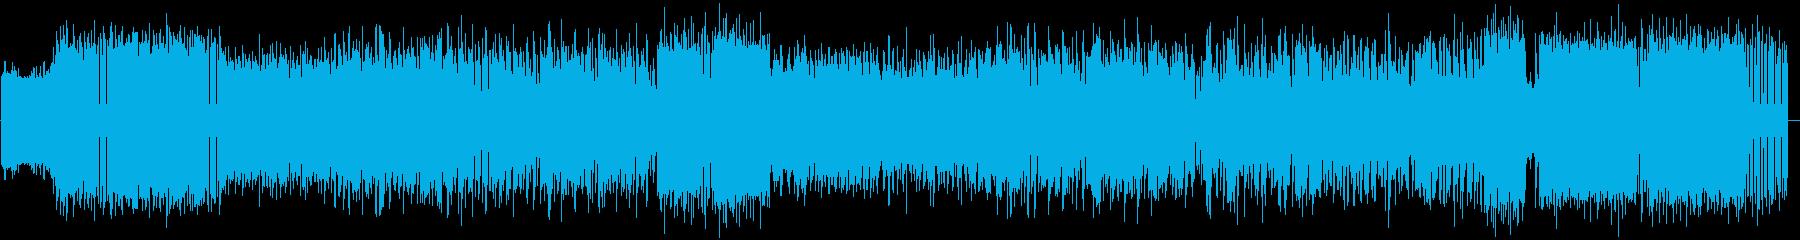 ゲームに合う疾走感チップチューンの再生済みの波形